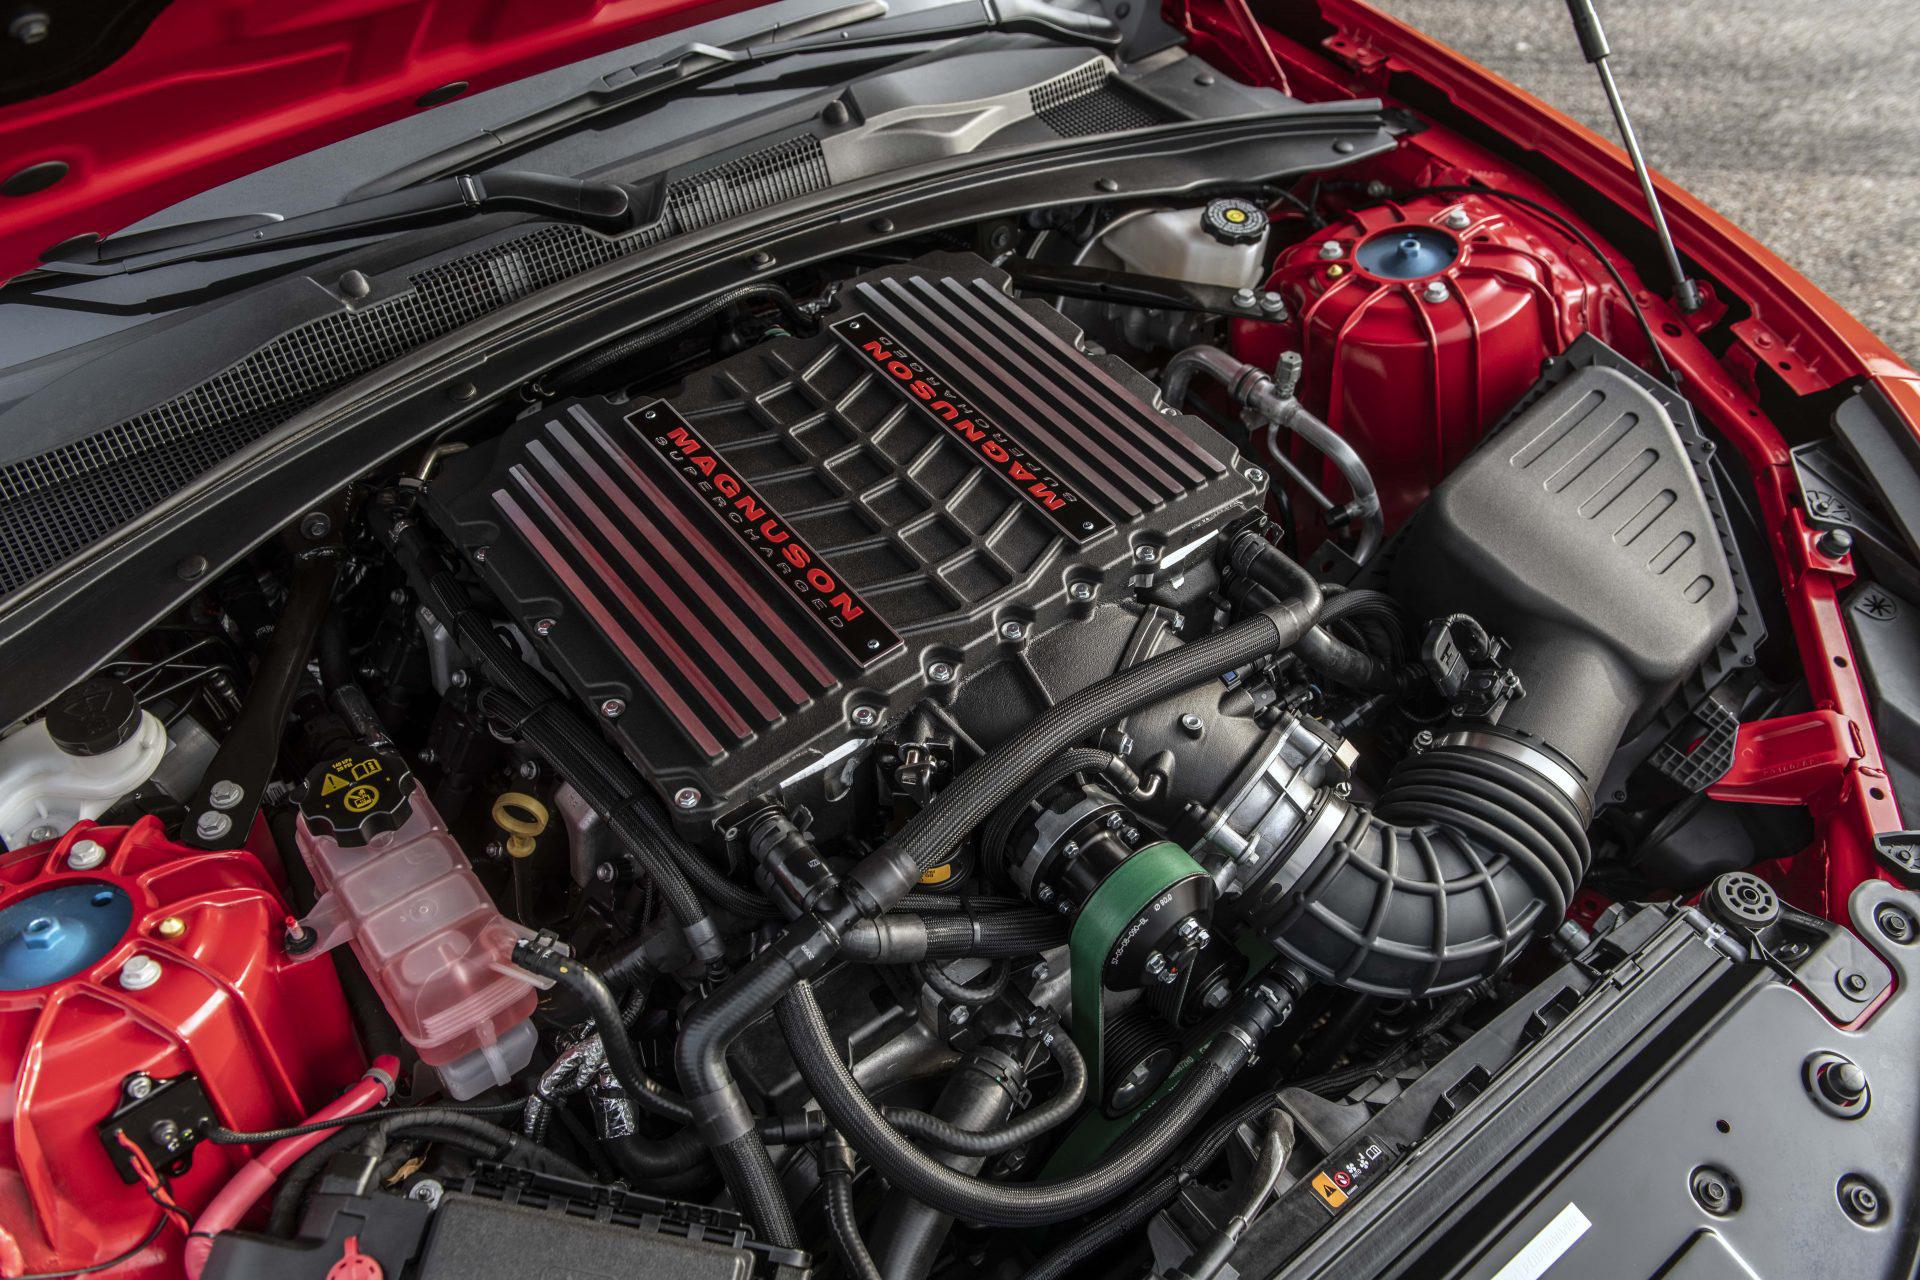 Motor do Chevrolet Camaro Exorcist